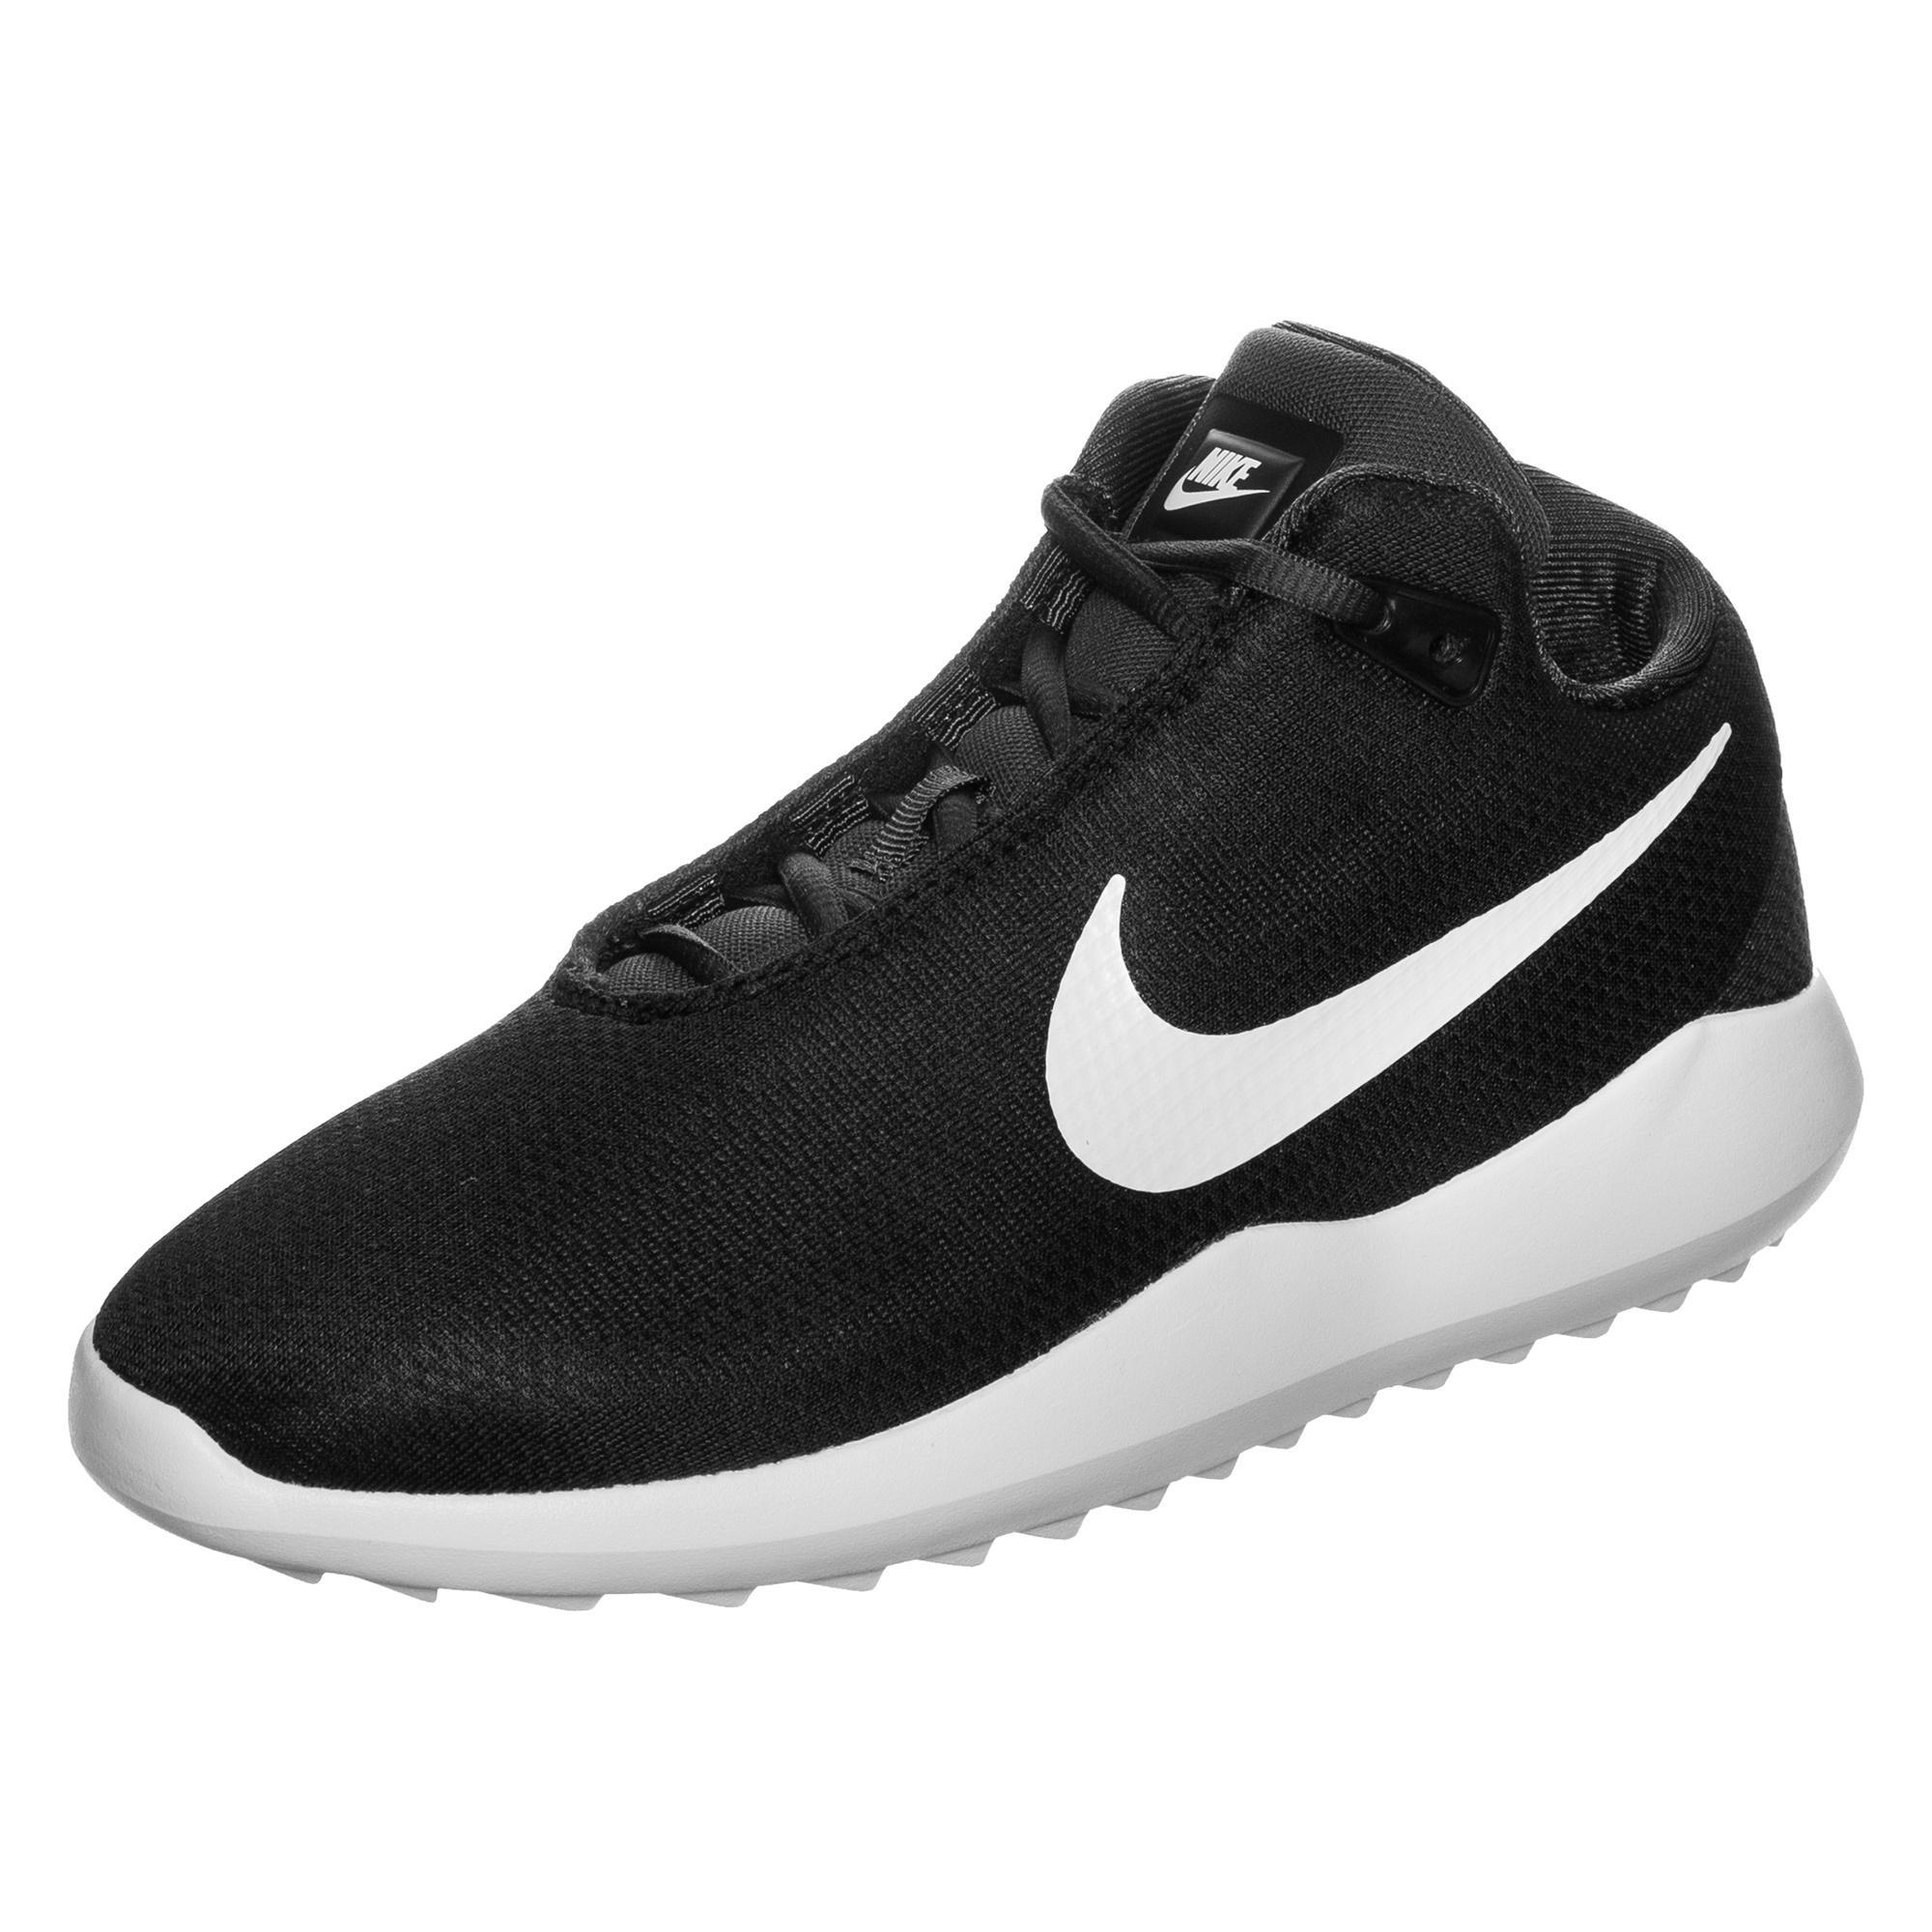 Nike Jamaza Sneaker Damen schwarz / weiß im Online Shop von SportScheck kaufen Gute Qualität beliebte Schuhe